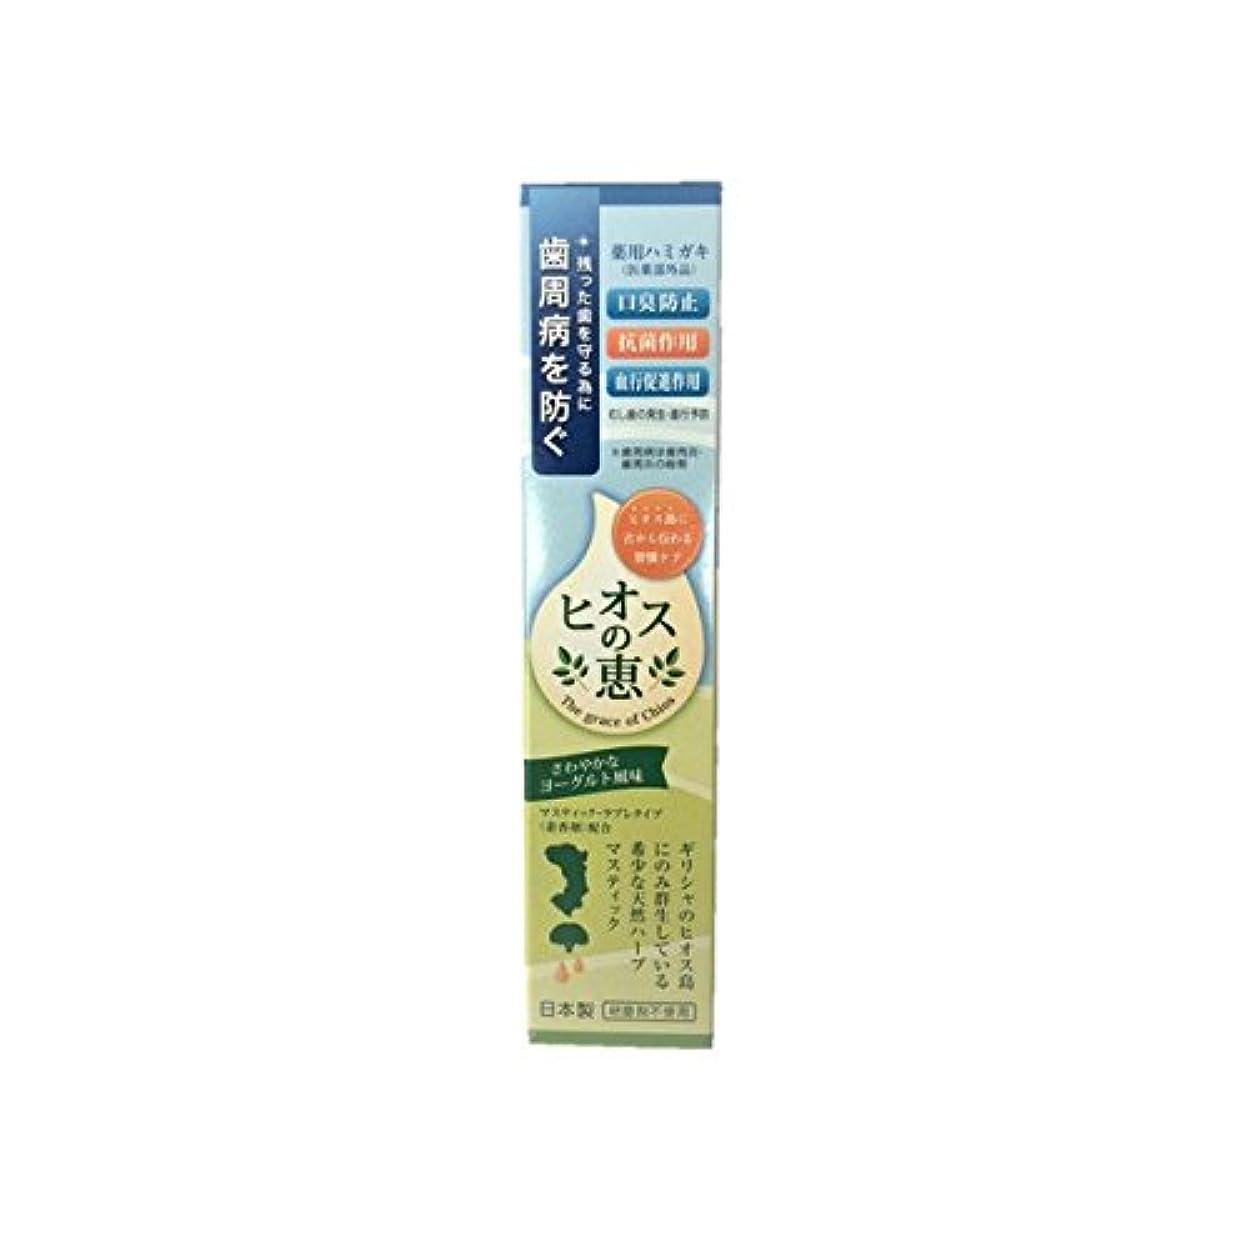 遵守するミルク歯科の薬用ハミガキ ヒオスの恵 60g